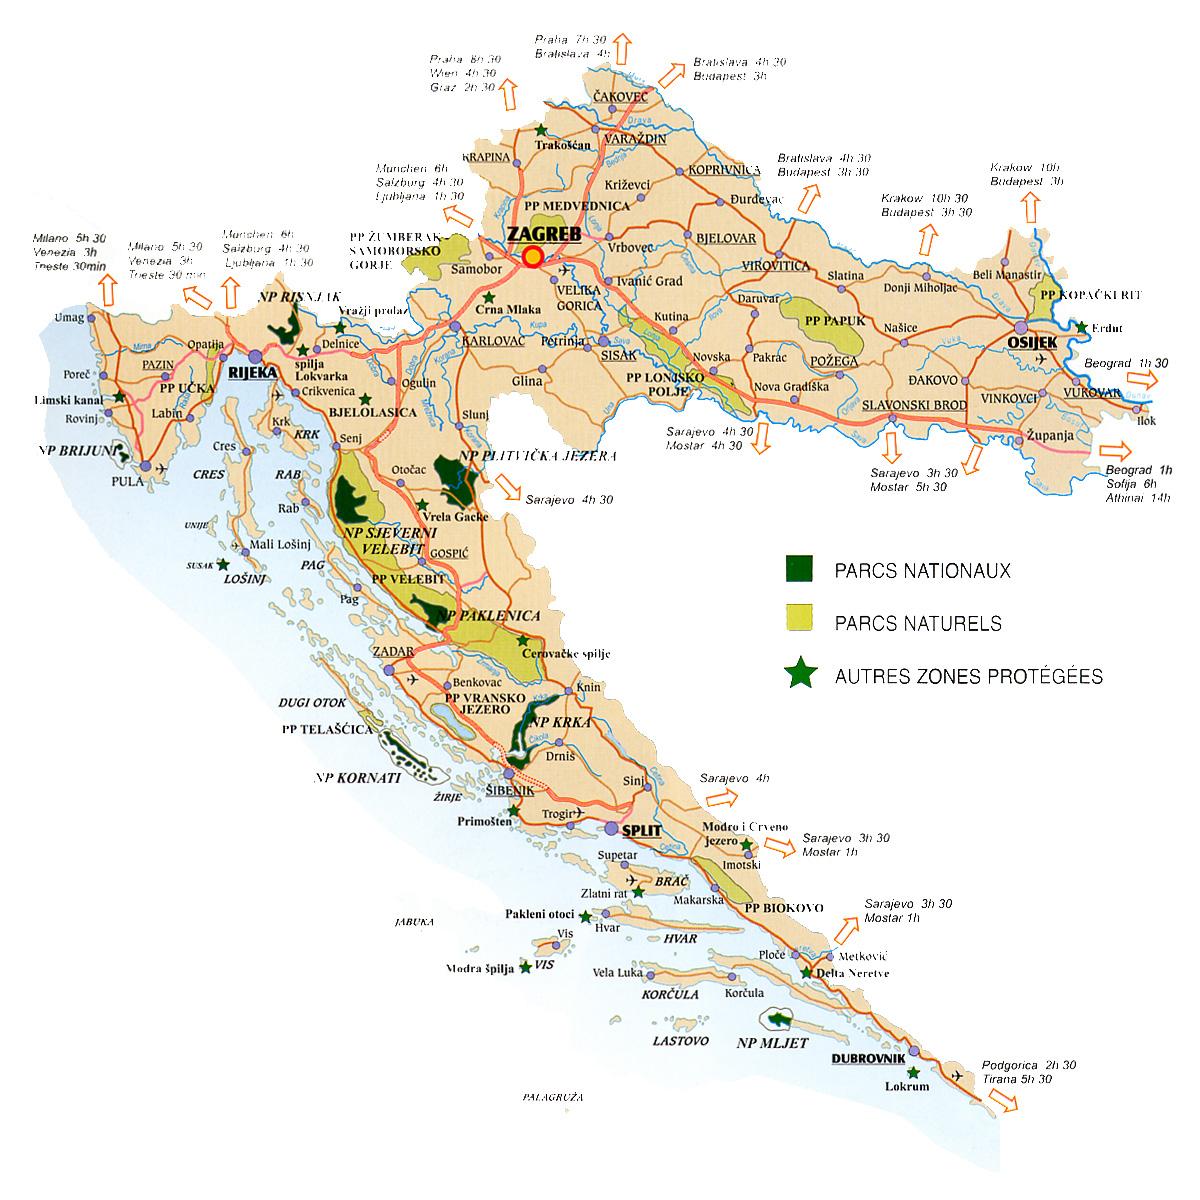 De Aardrijkskunde Van Kroatie